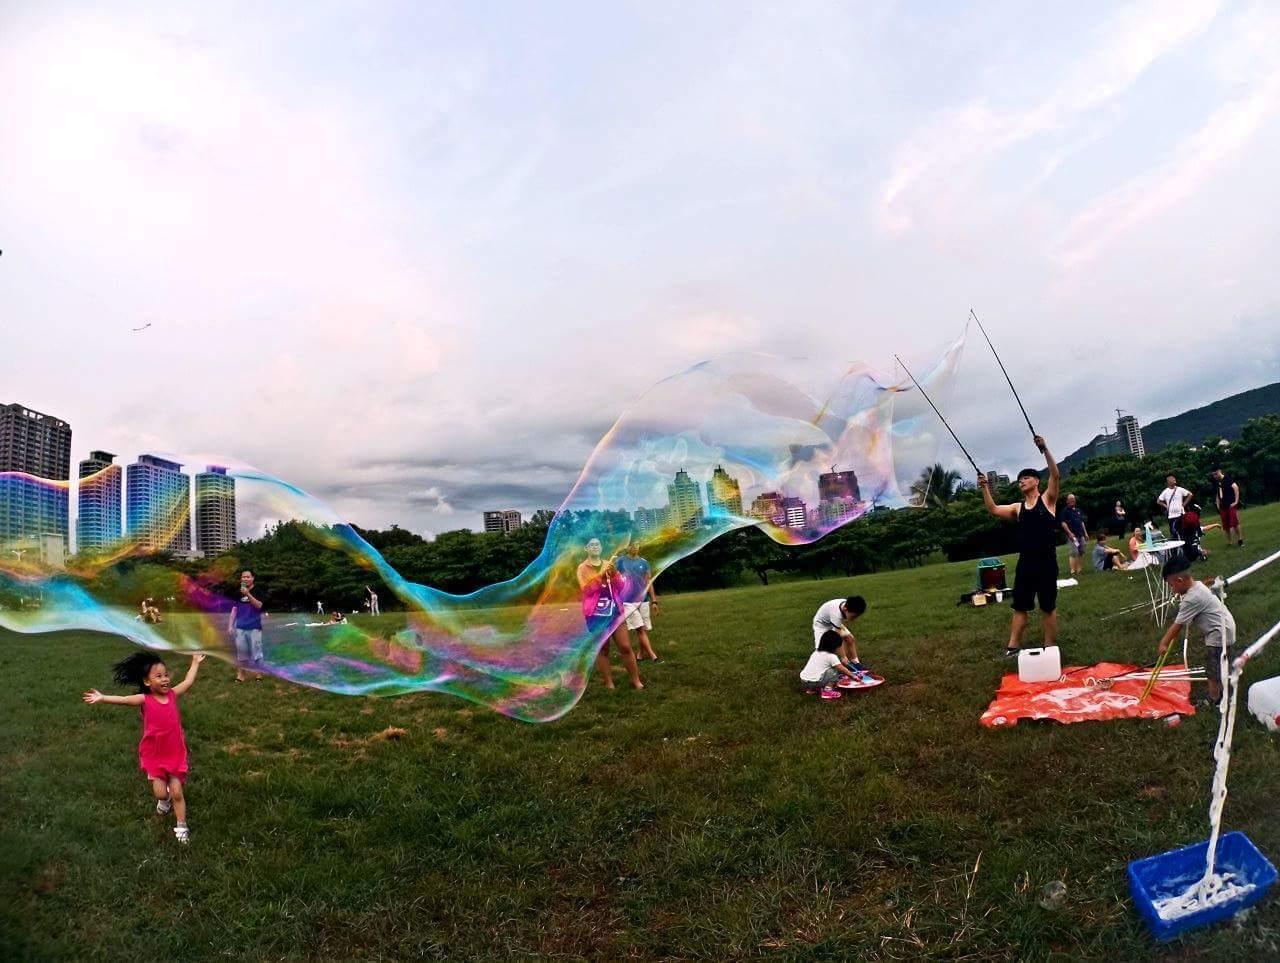 魔幻泡泡表演秀及親子互動遊戲。圖/雲林縣政府提供 陳信利